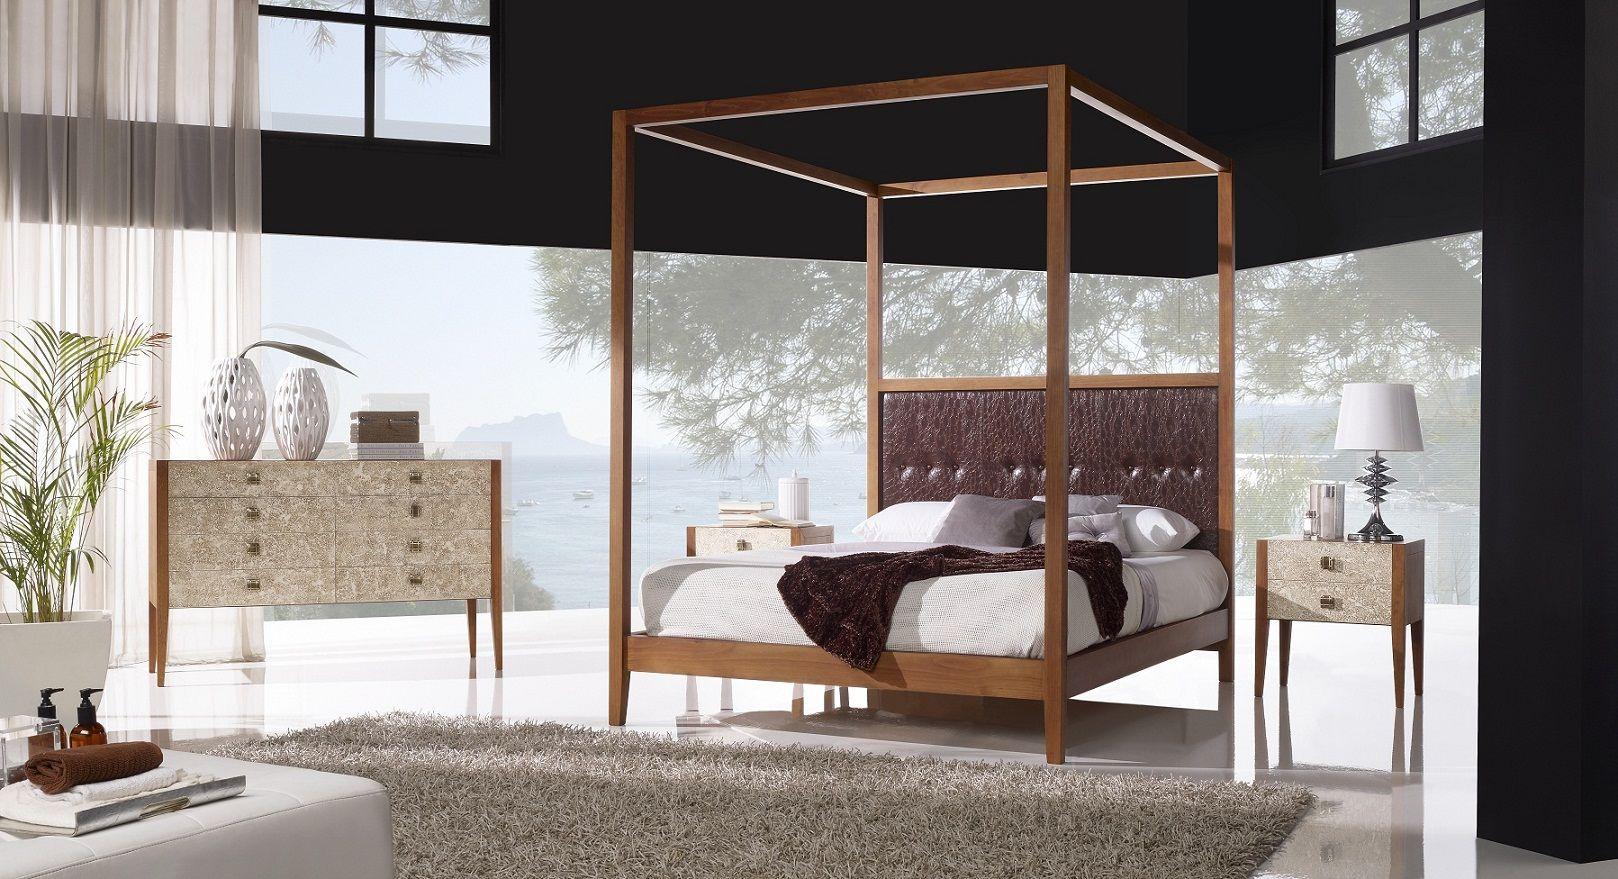 Foto 15 de Muebles y decoración en Cuarte de Huerva | Muebles Pedro Marco